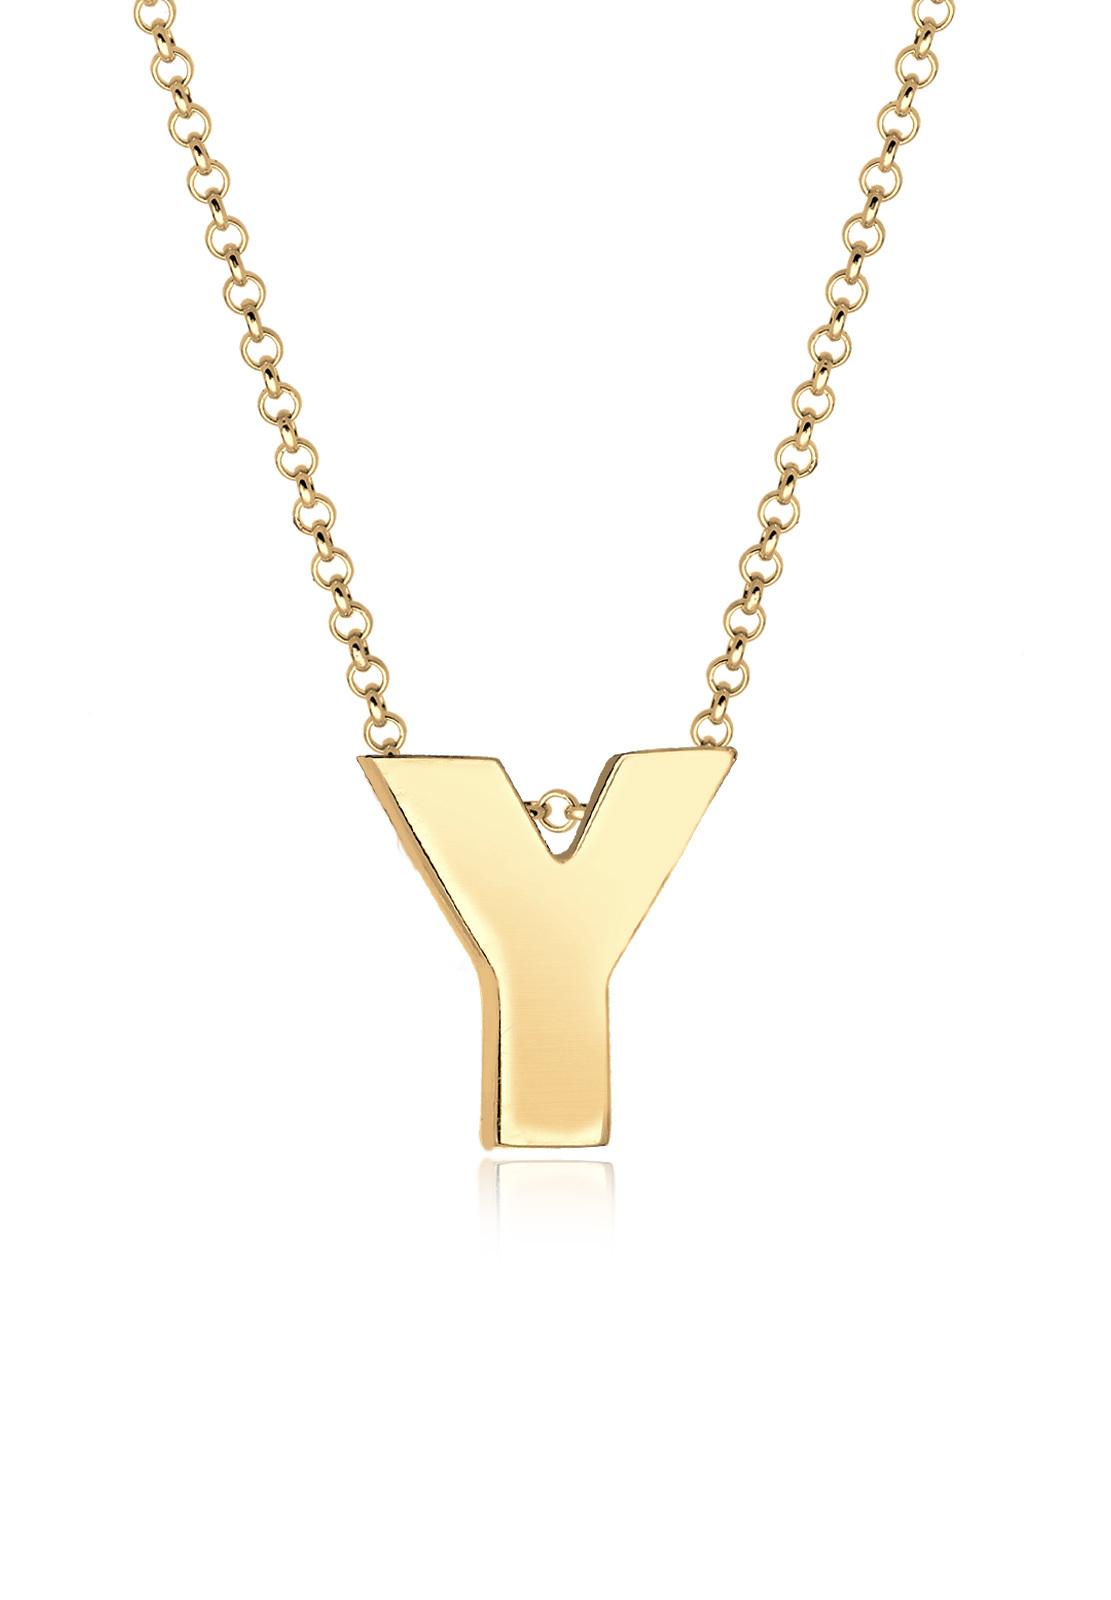 Buchstabe Y Initialen Trend Minimal 925 Silber